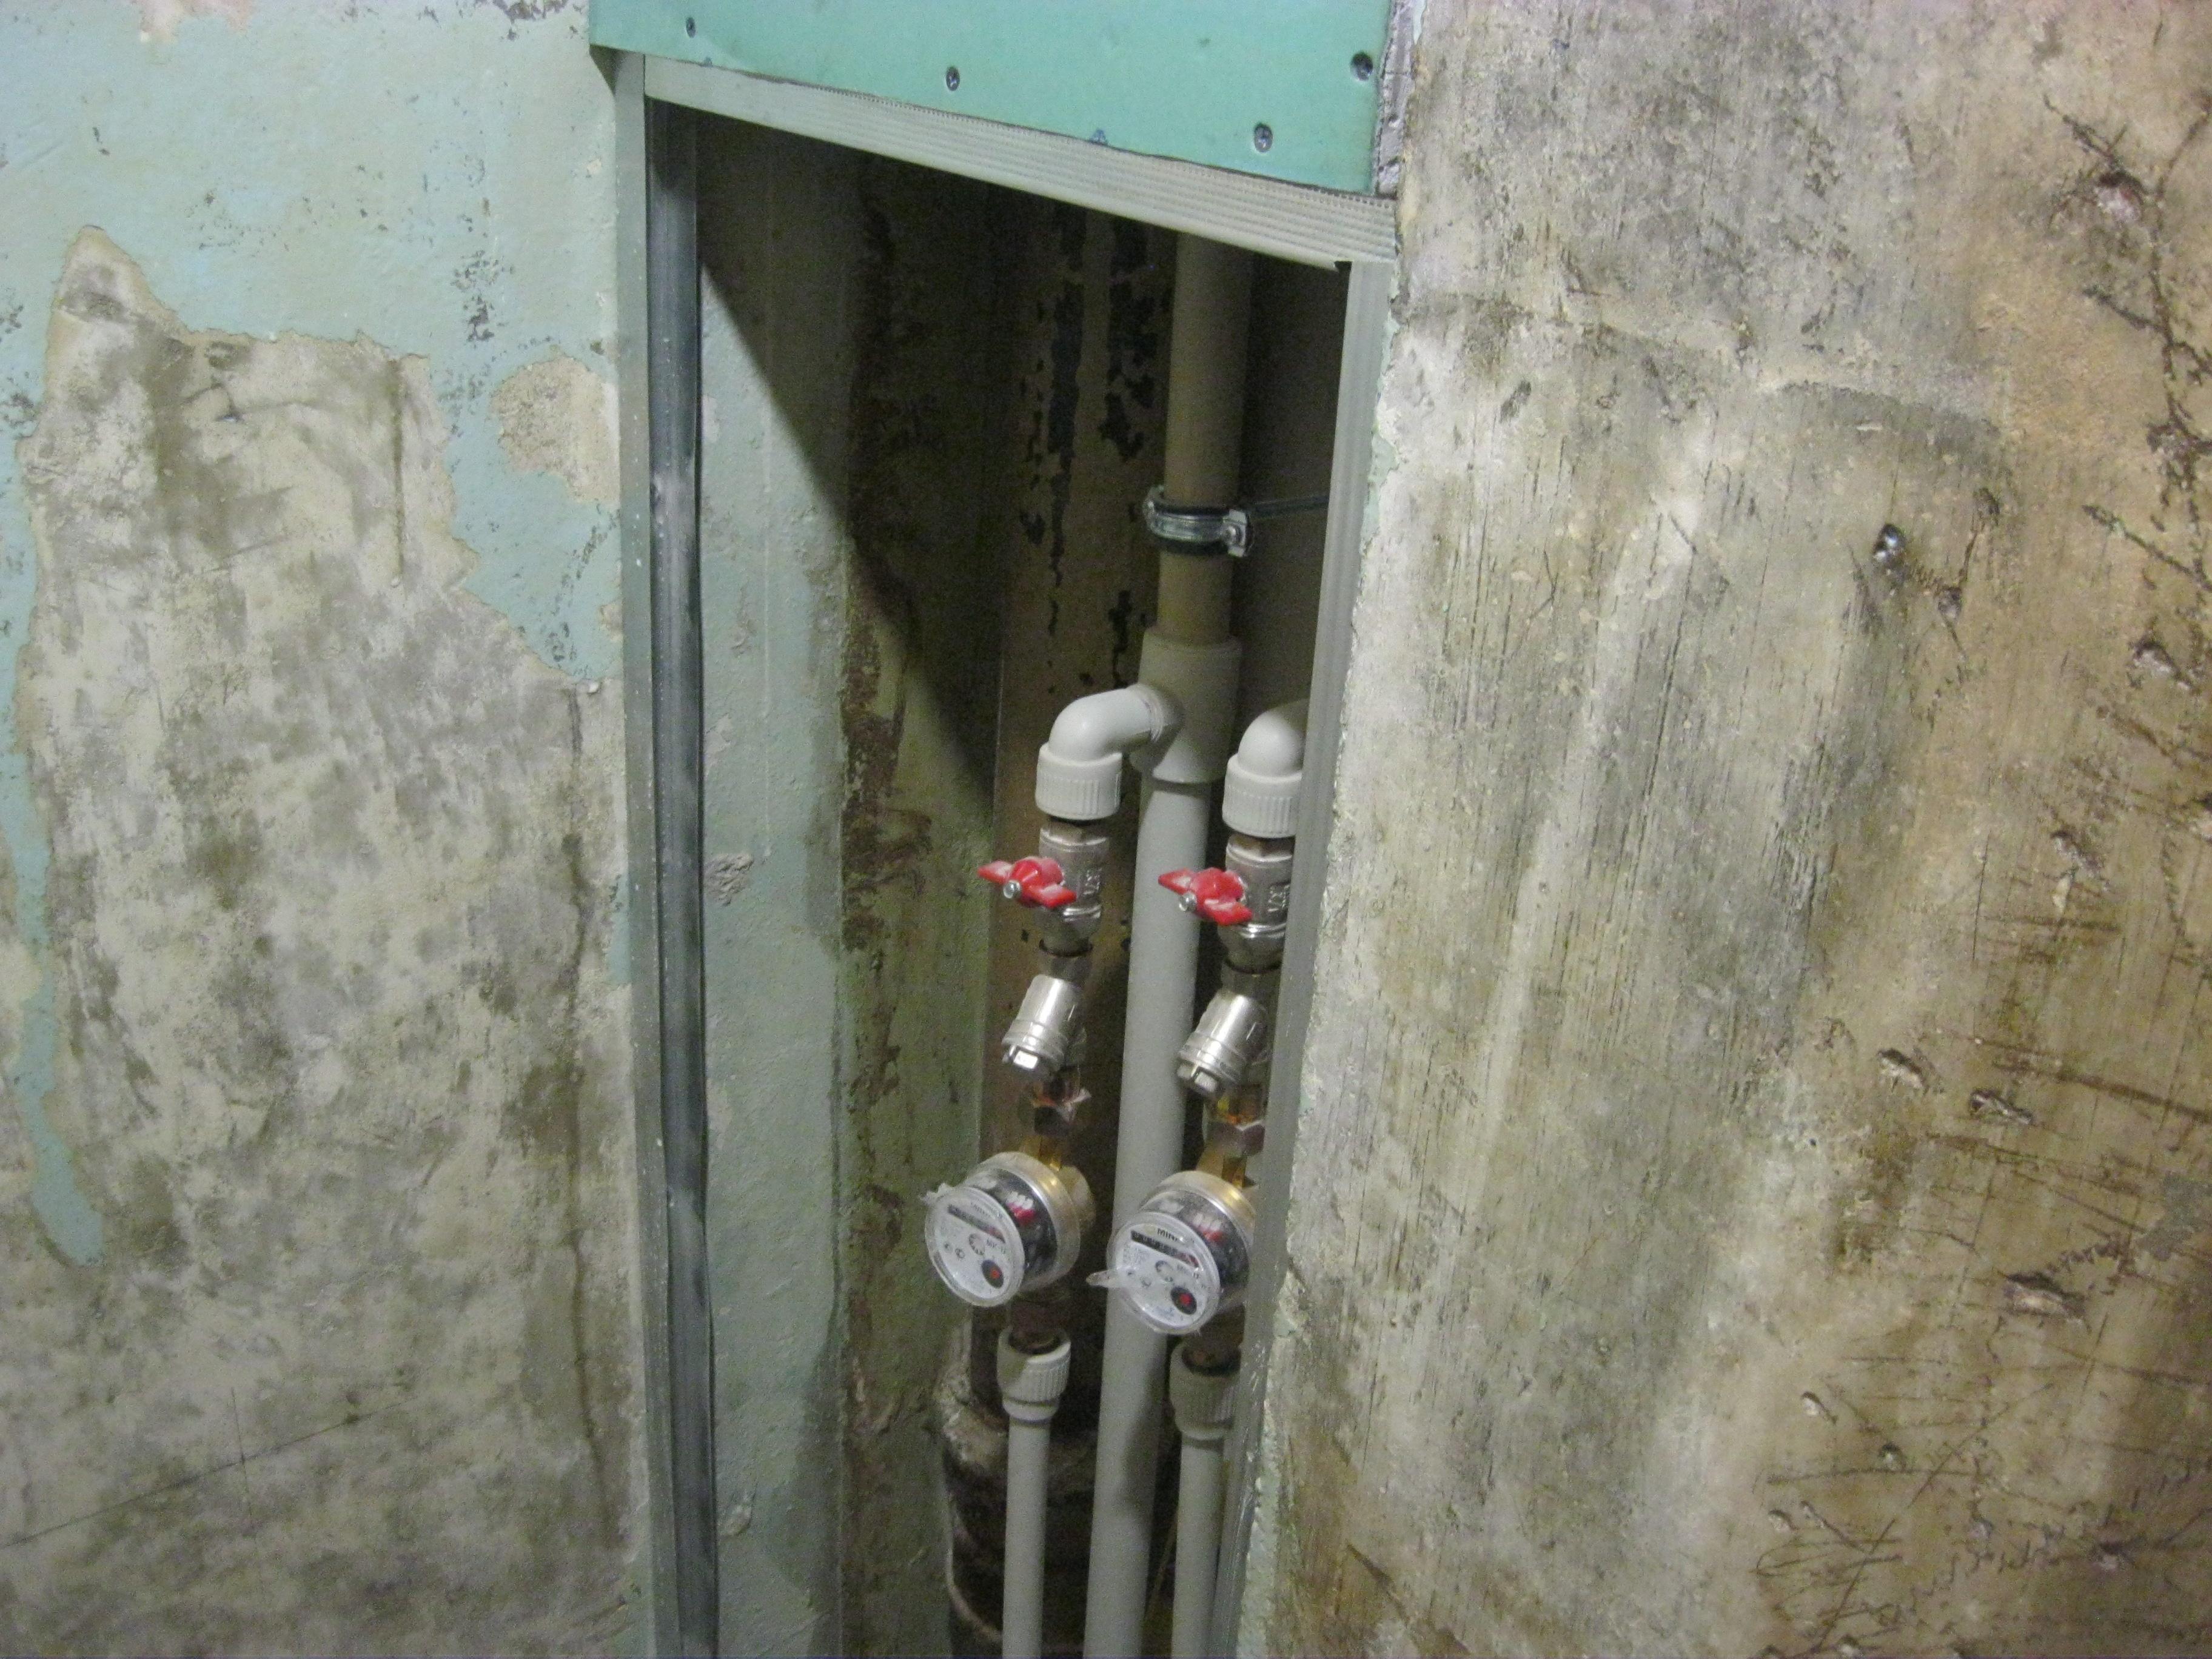 Ремонт стояков в многоквартирном доме за чей счет